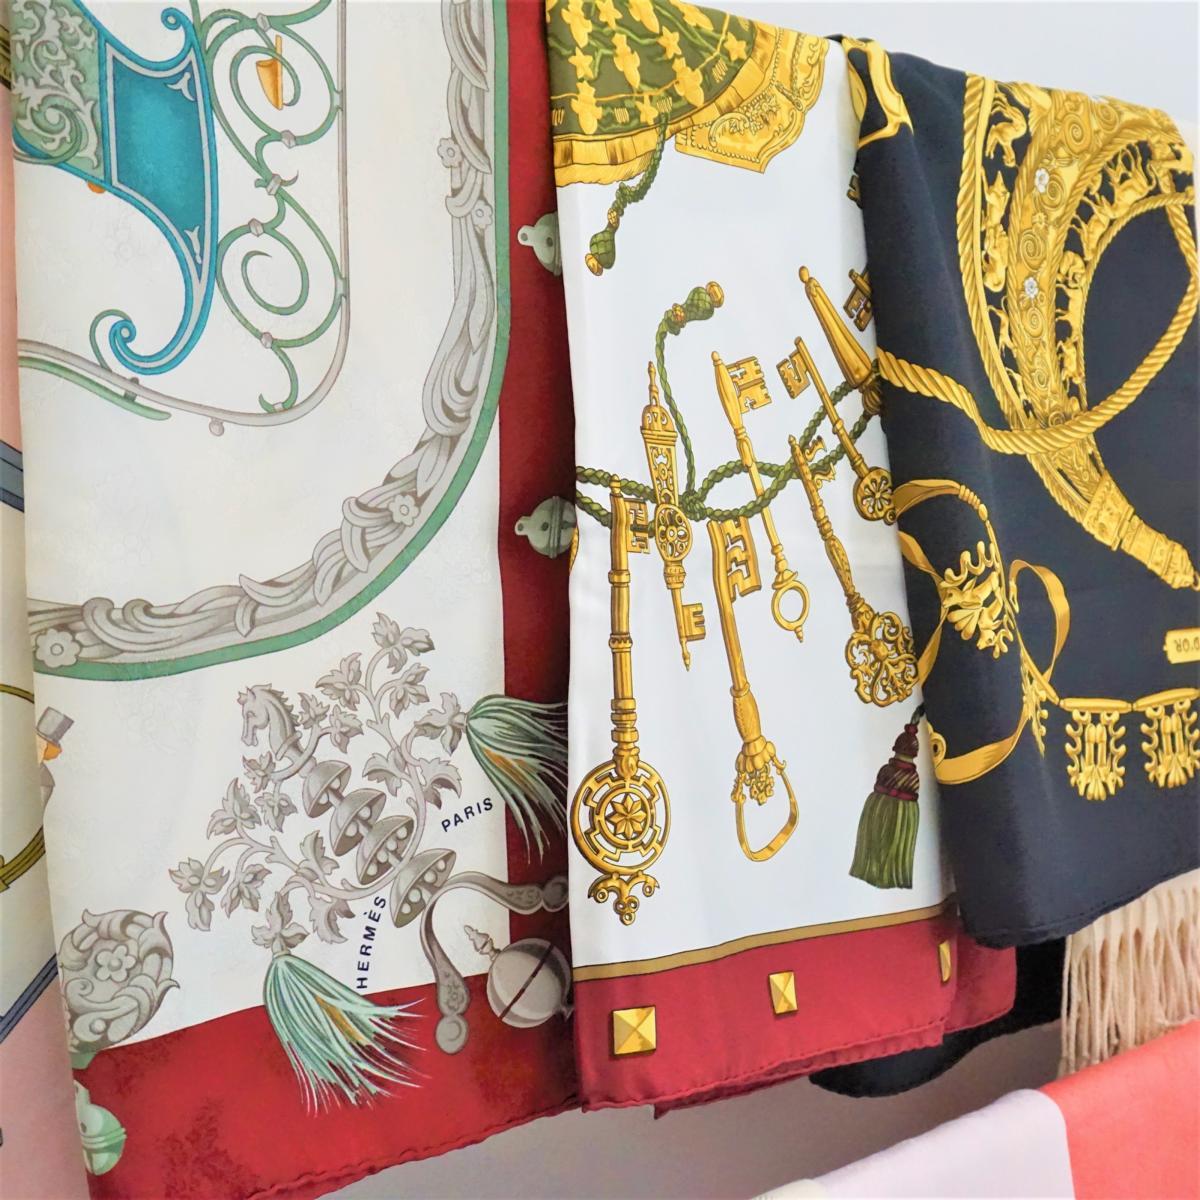 Style Hannover Lovintage 9 - Lovintage – Luxus aus zweiter Hand